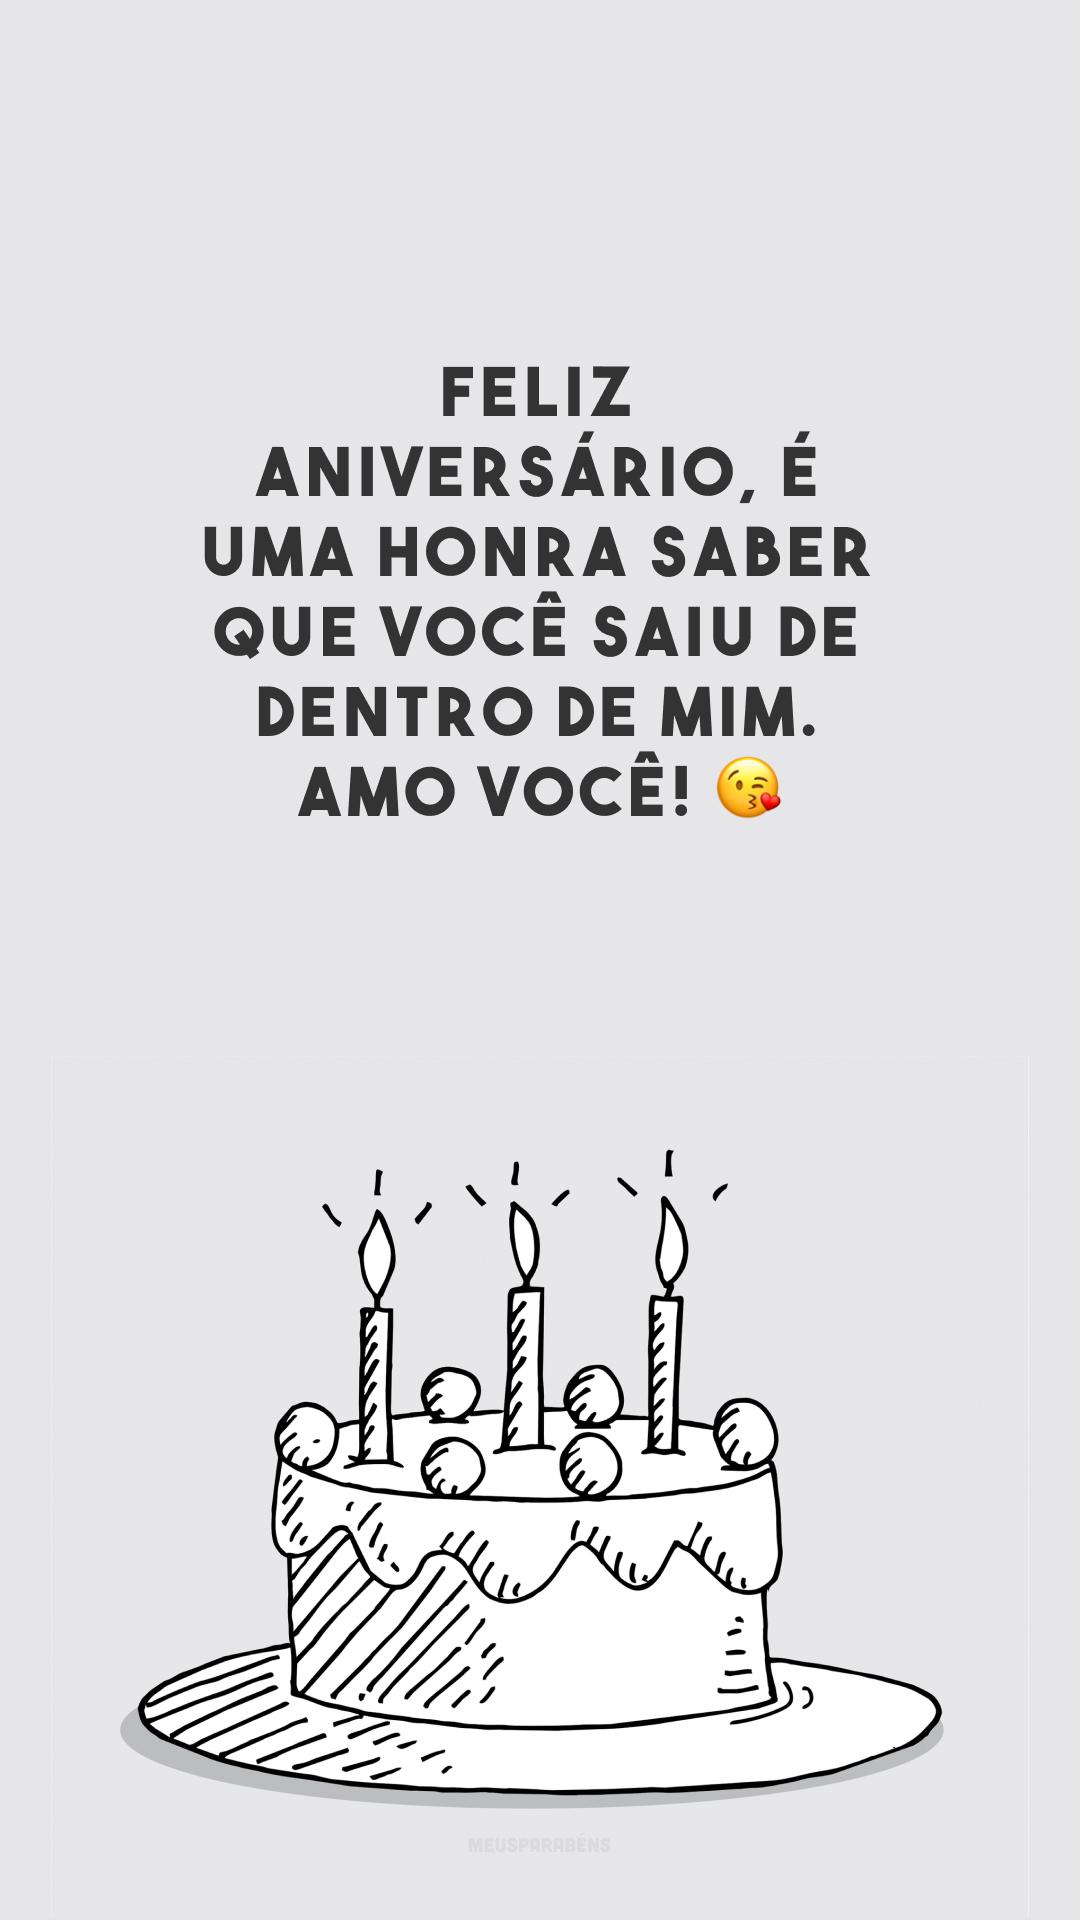 Feliz aniversário, é uma honra saber que você saiu de dentro de mim. Amo você! 😘